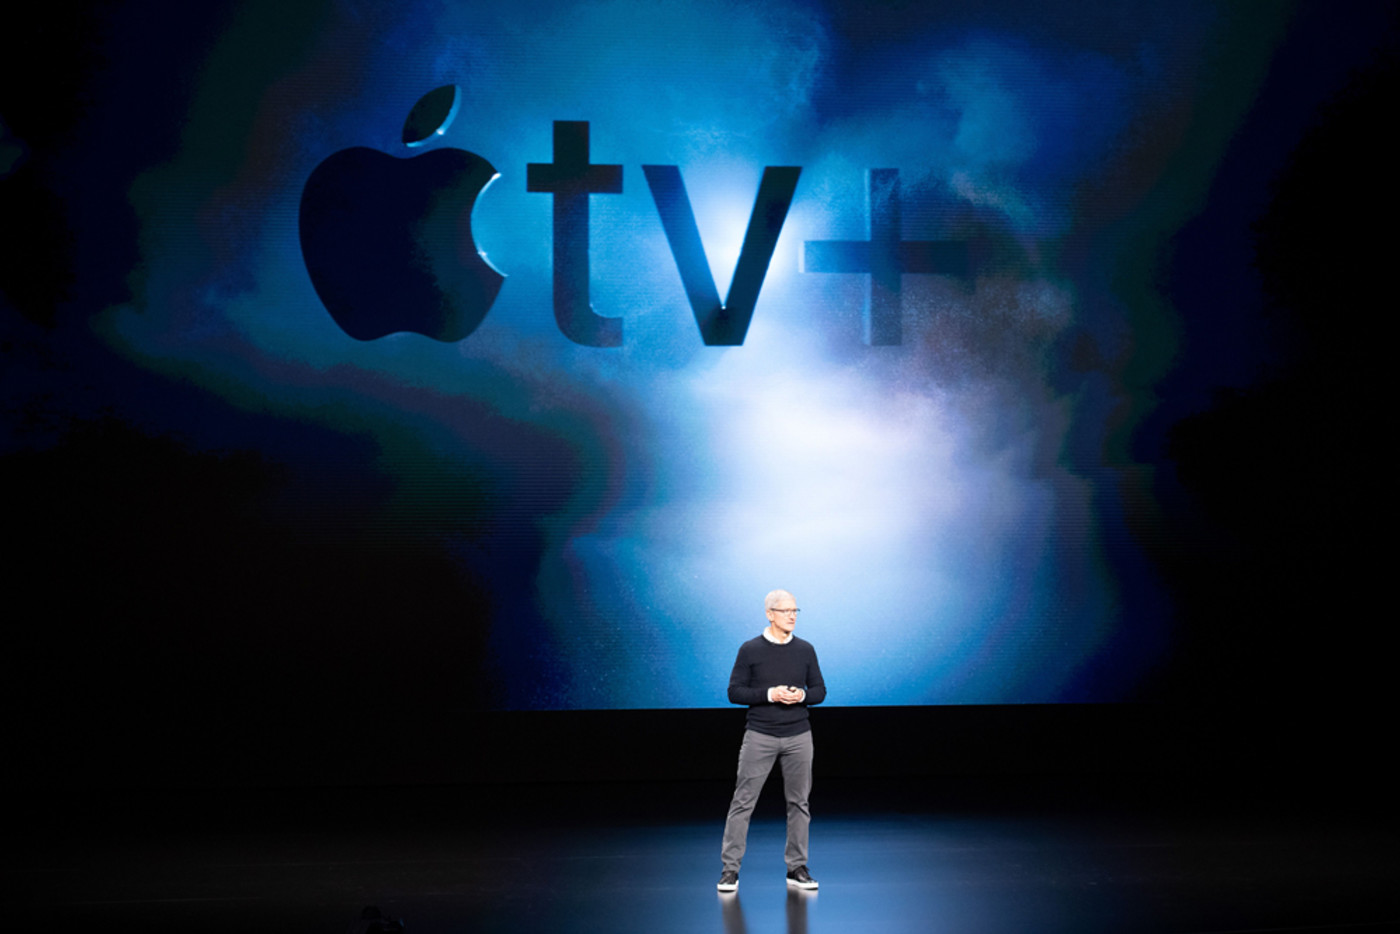 Apple CEO Tim Cook introduces Apple tv+